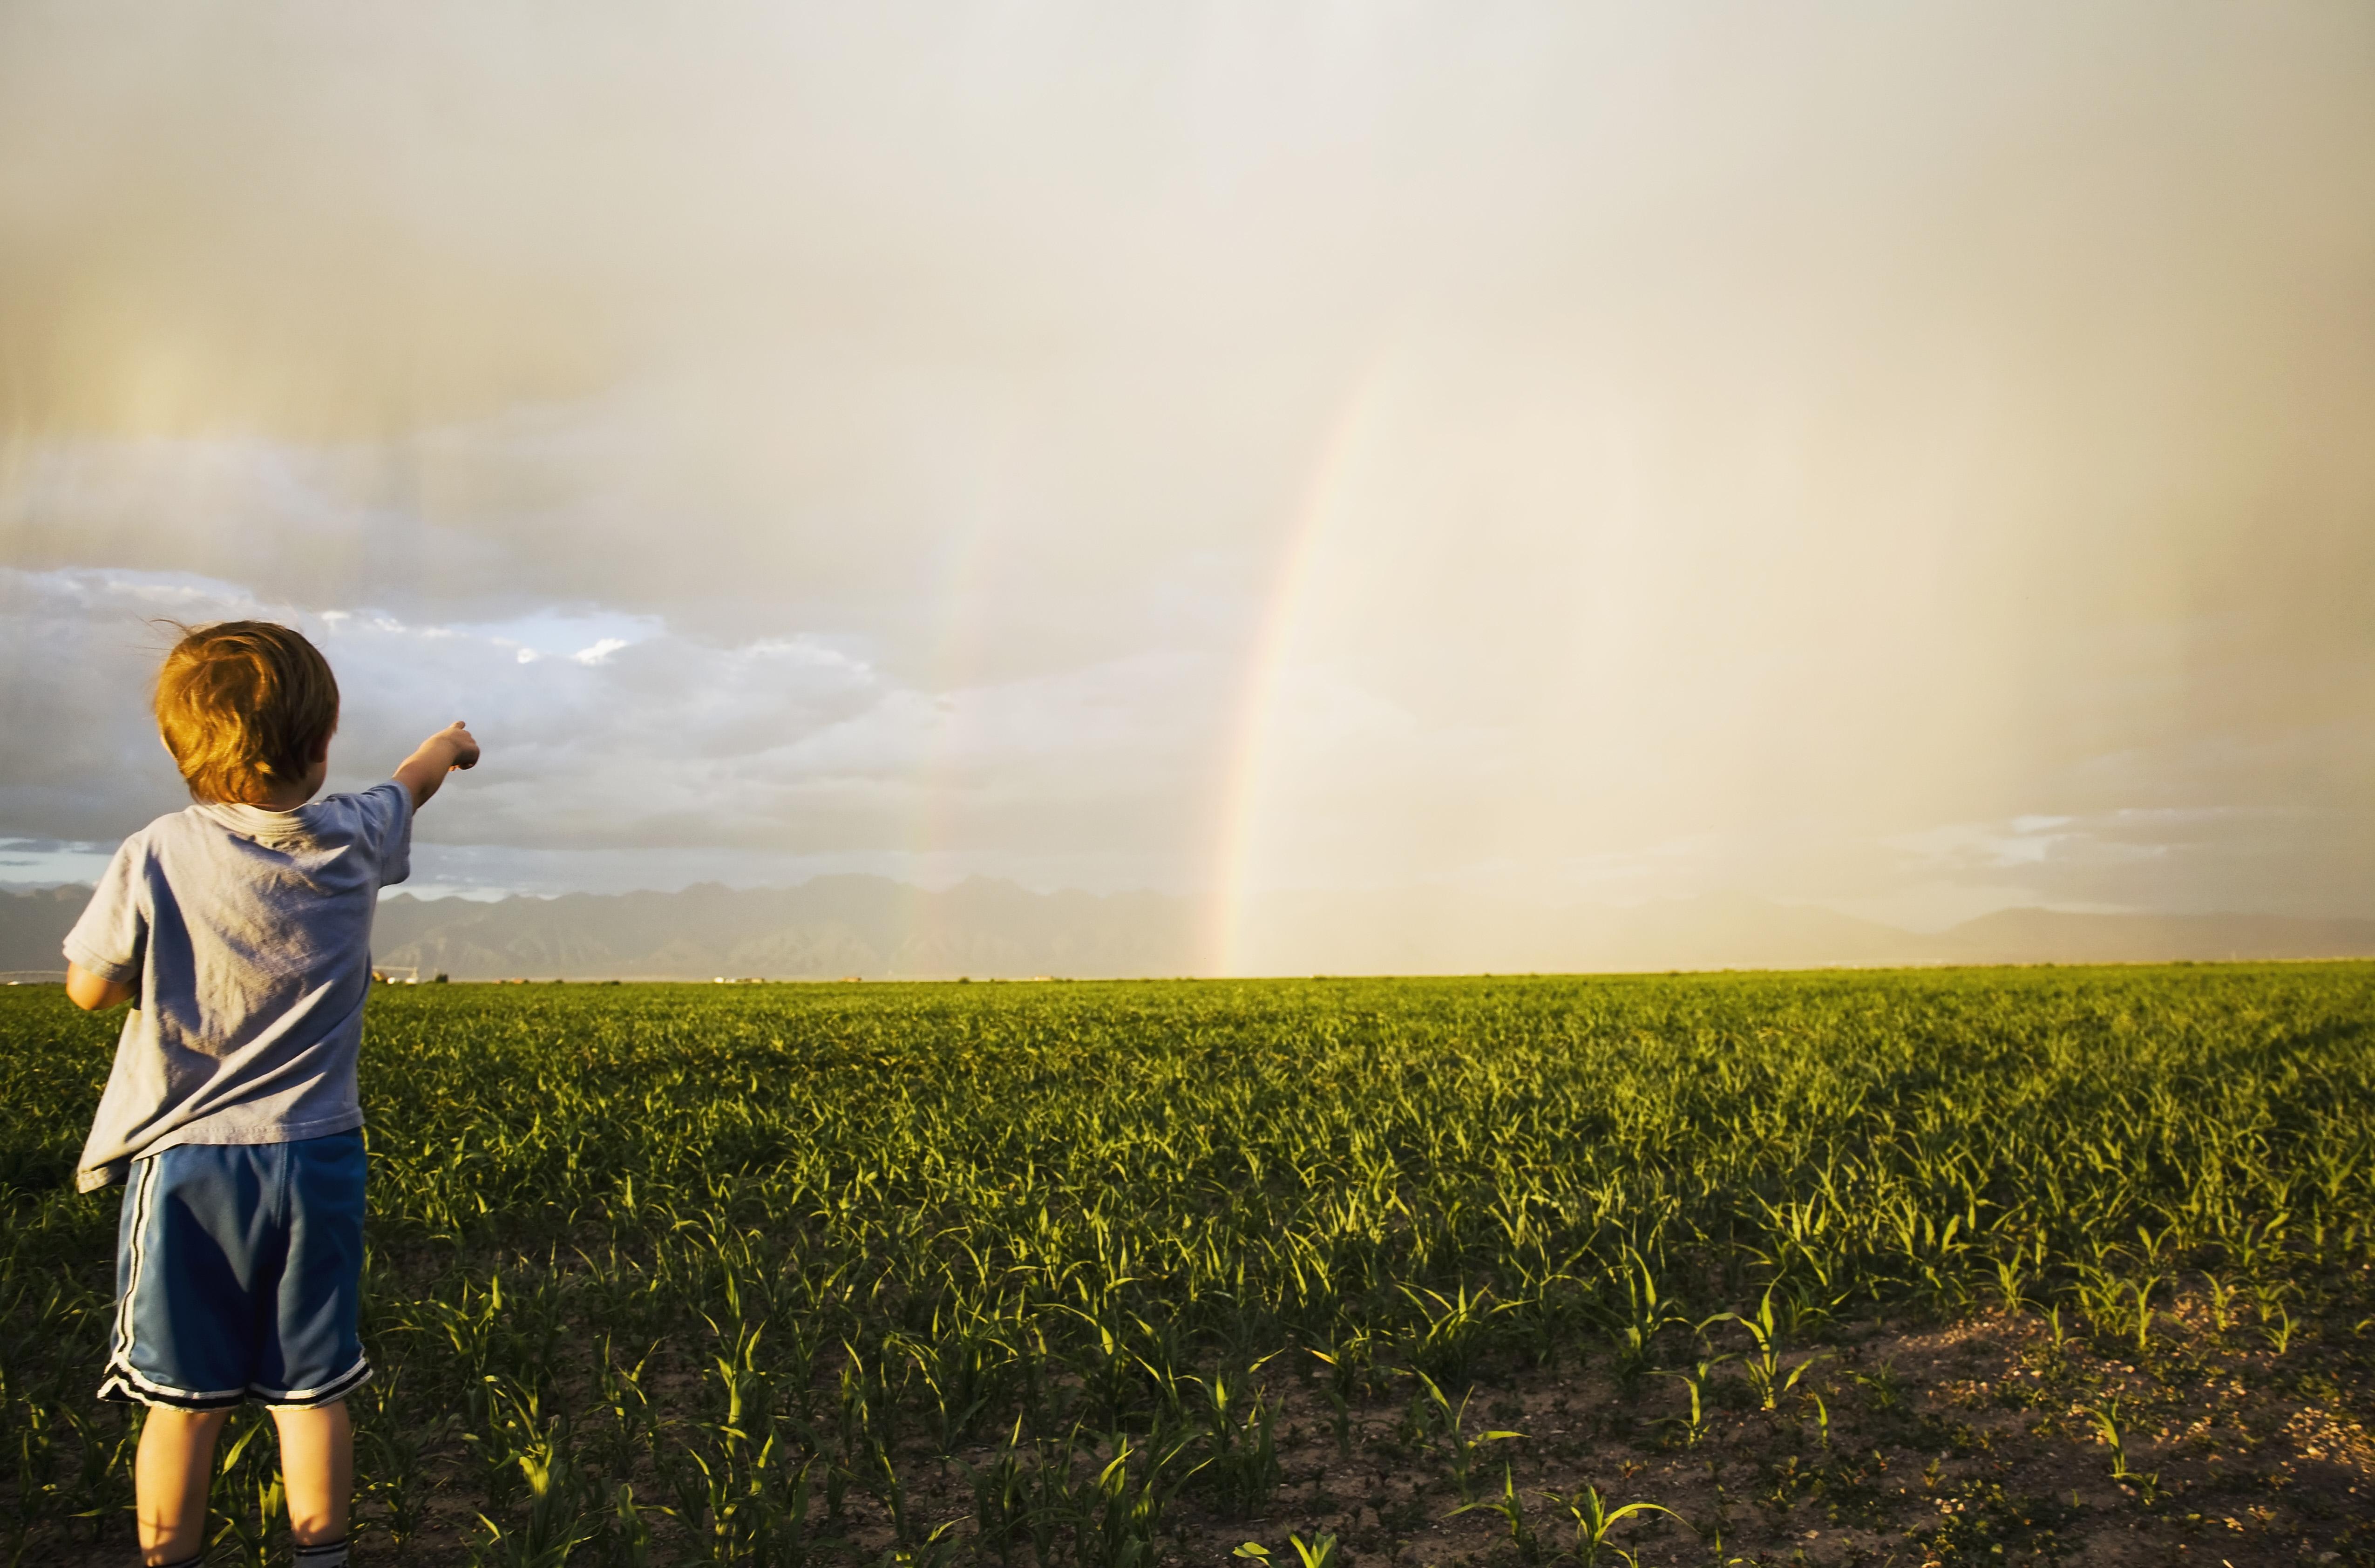 Scoprire l'arcobaleno